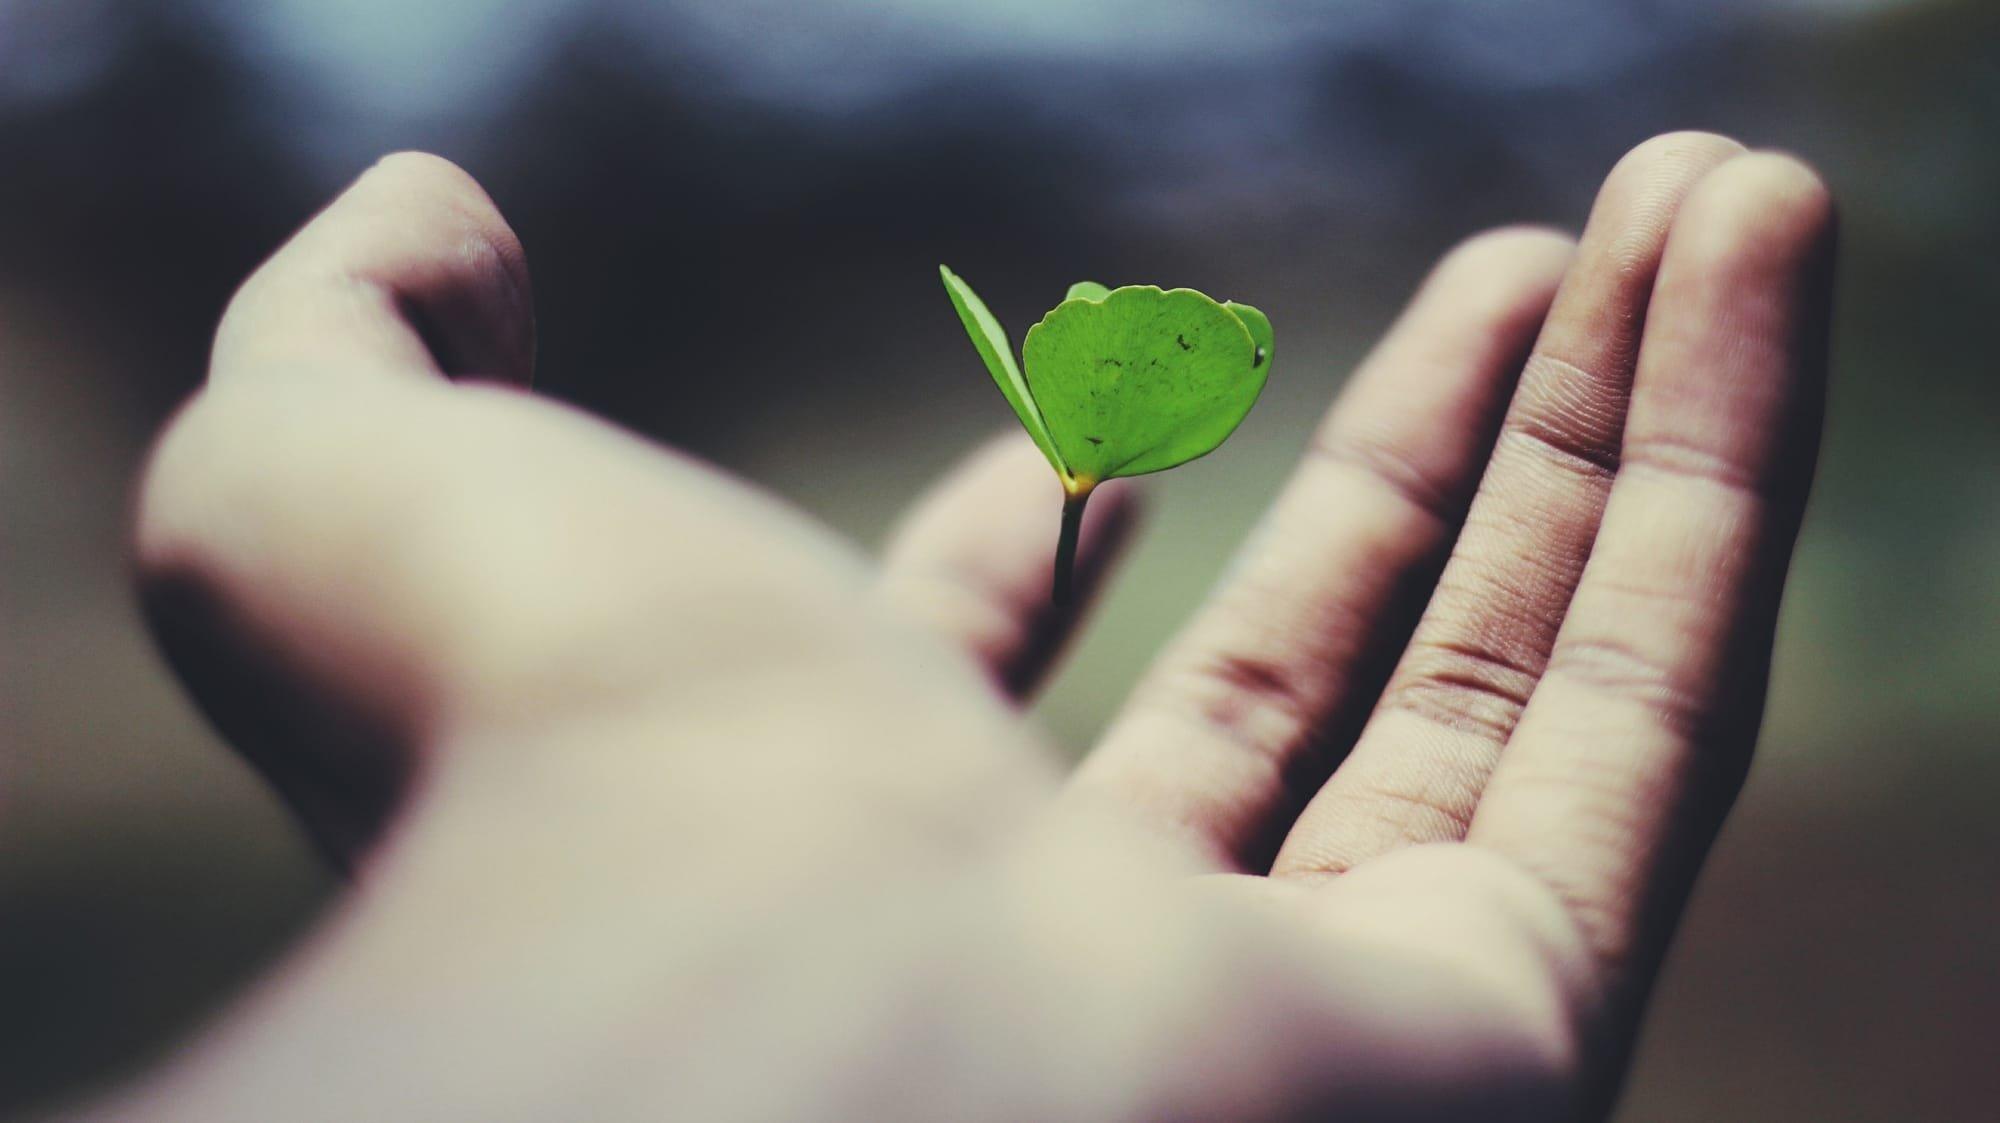 תקווה, הורות למתבגרים, יחסים במשפחה, העצמת ילדים , הצלחה , אושר